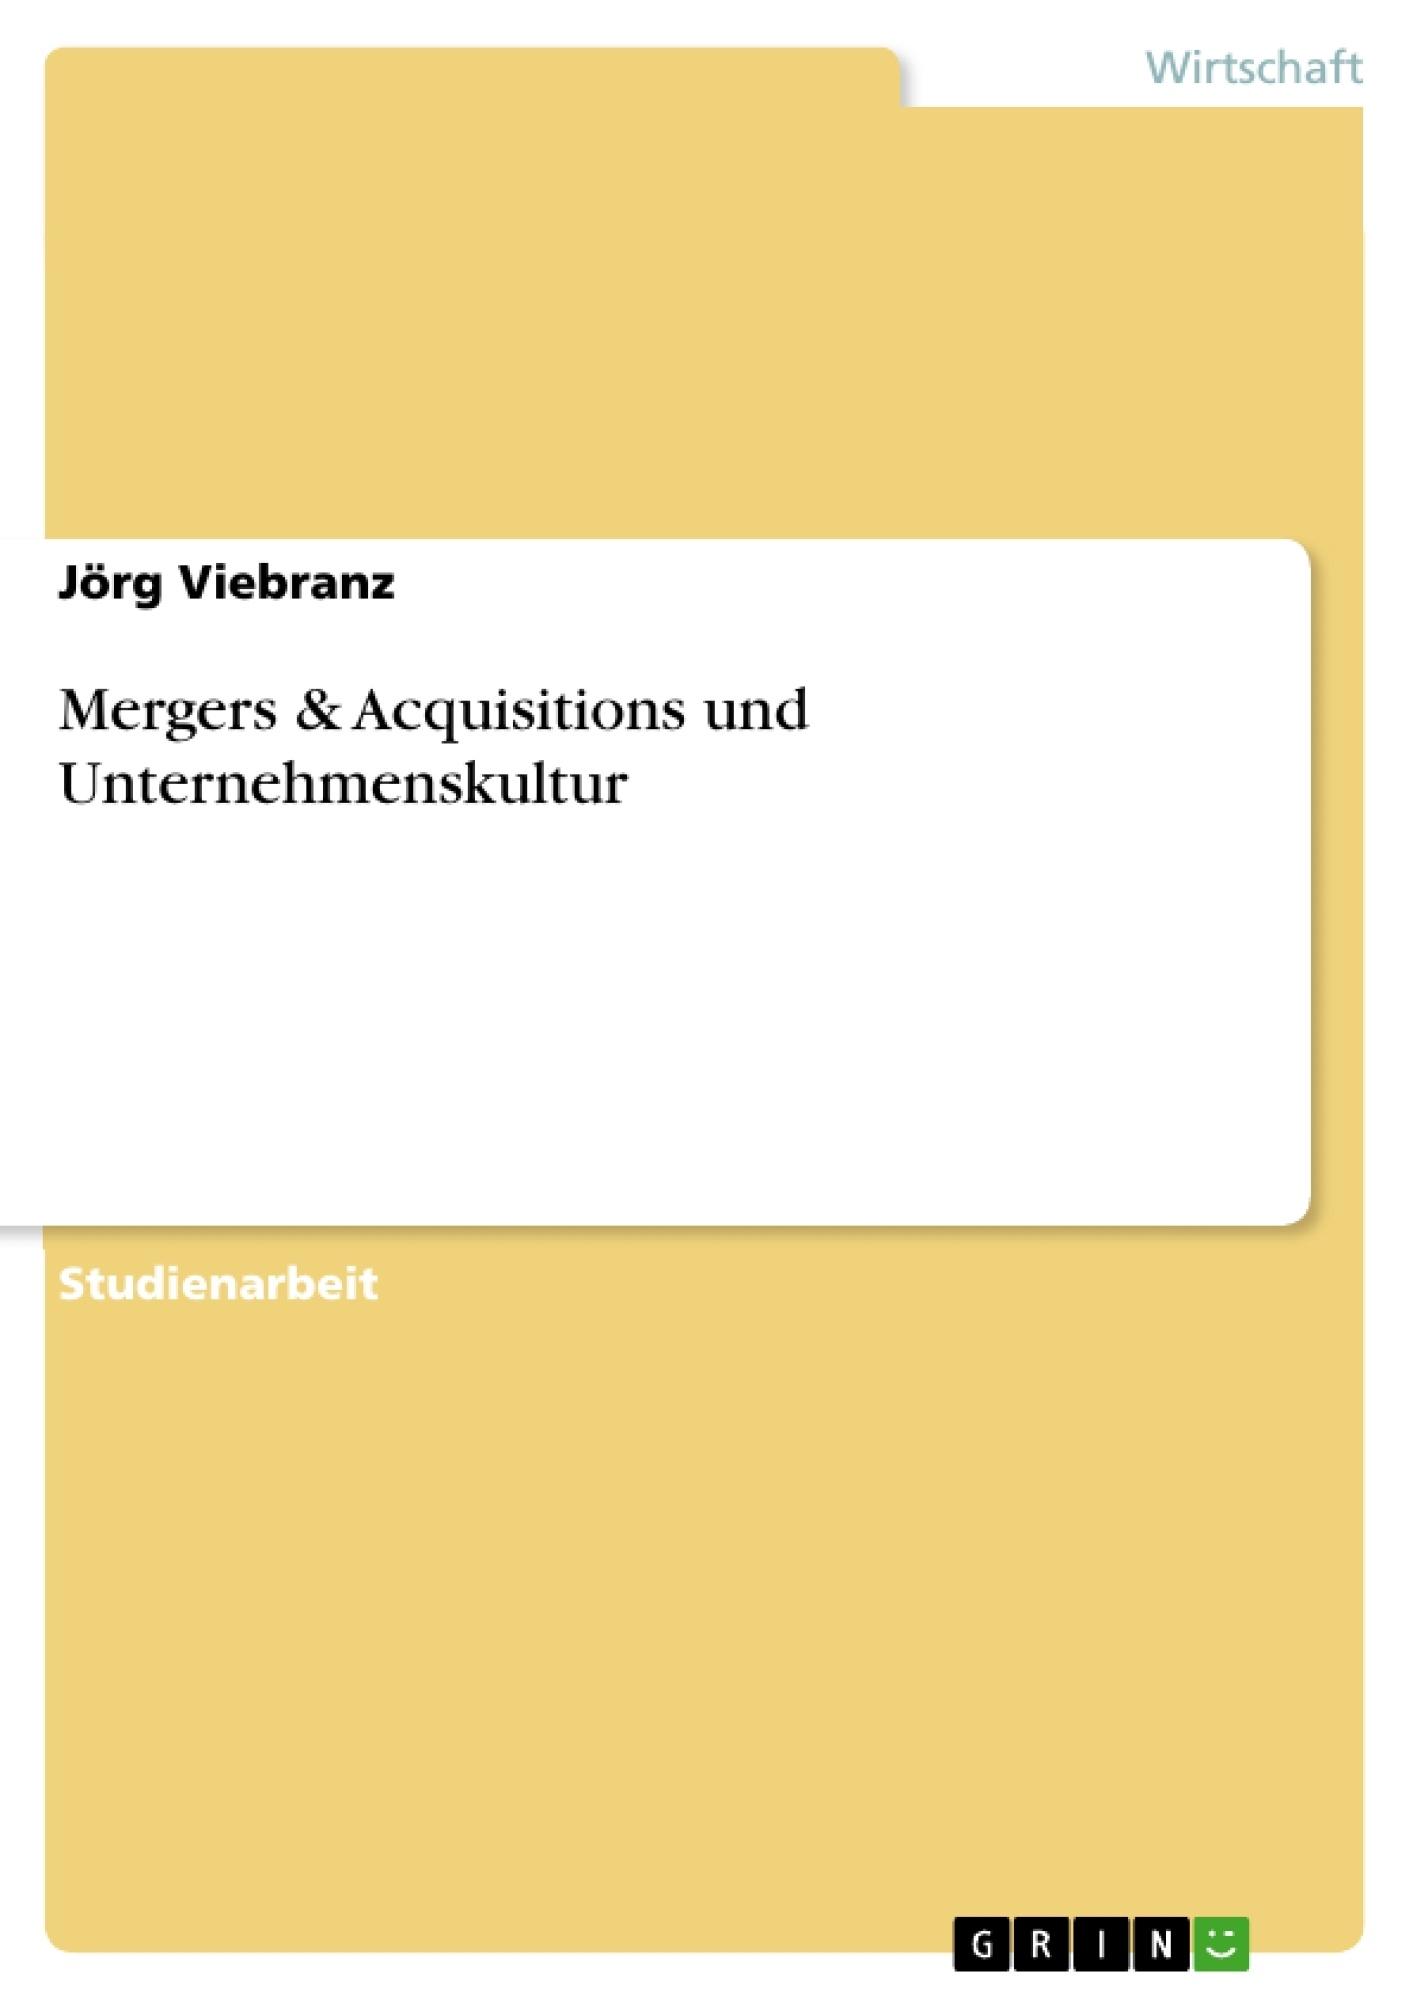 Titel: Mergers & Acquisitions und Unternehmenskultur